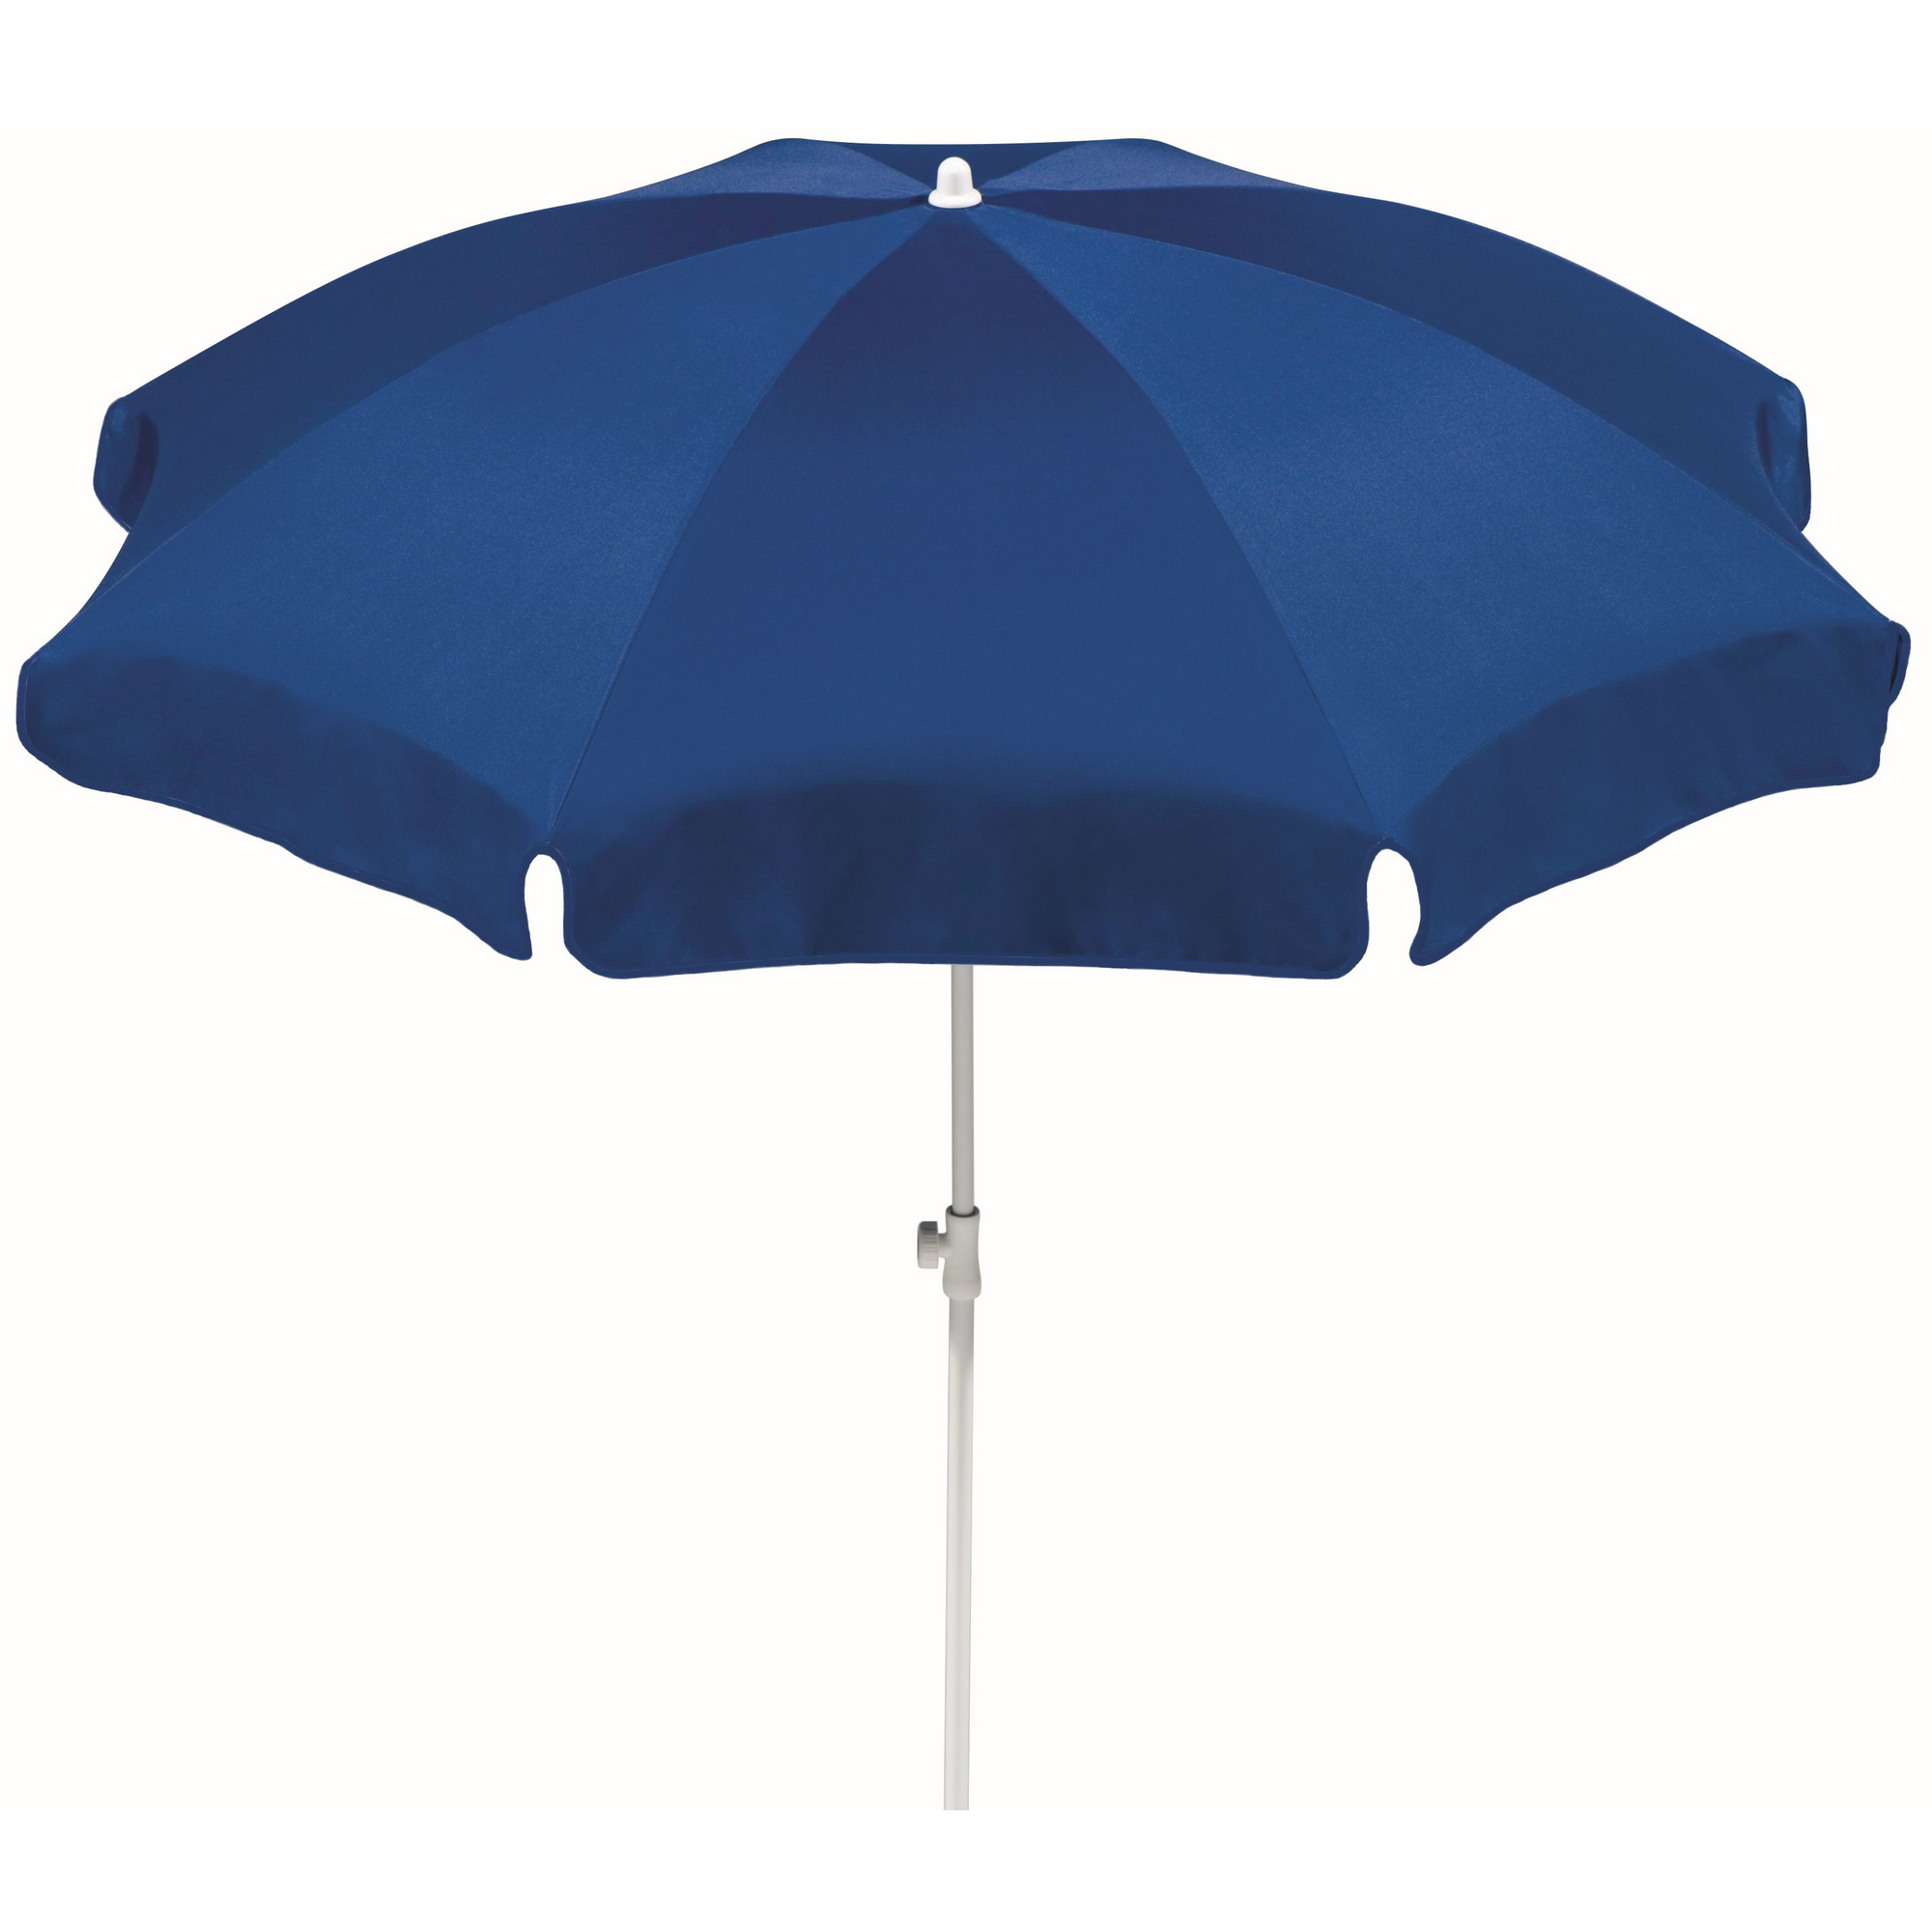 Schneider Schirme Sonnenschirm Ibiza ca. 200 cm, blau